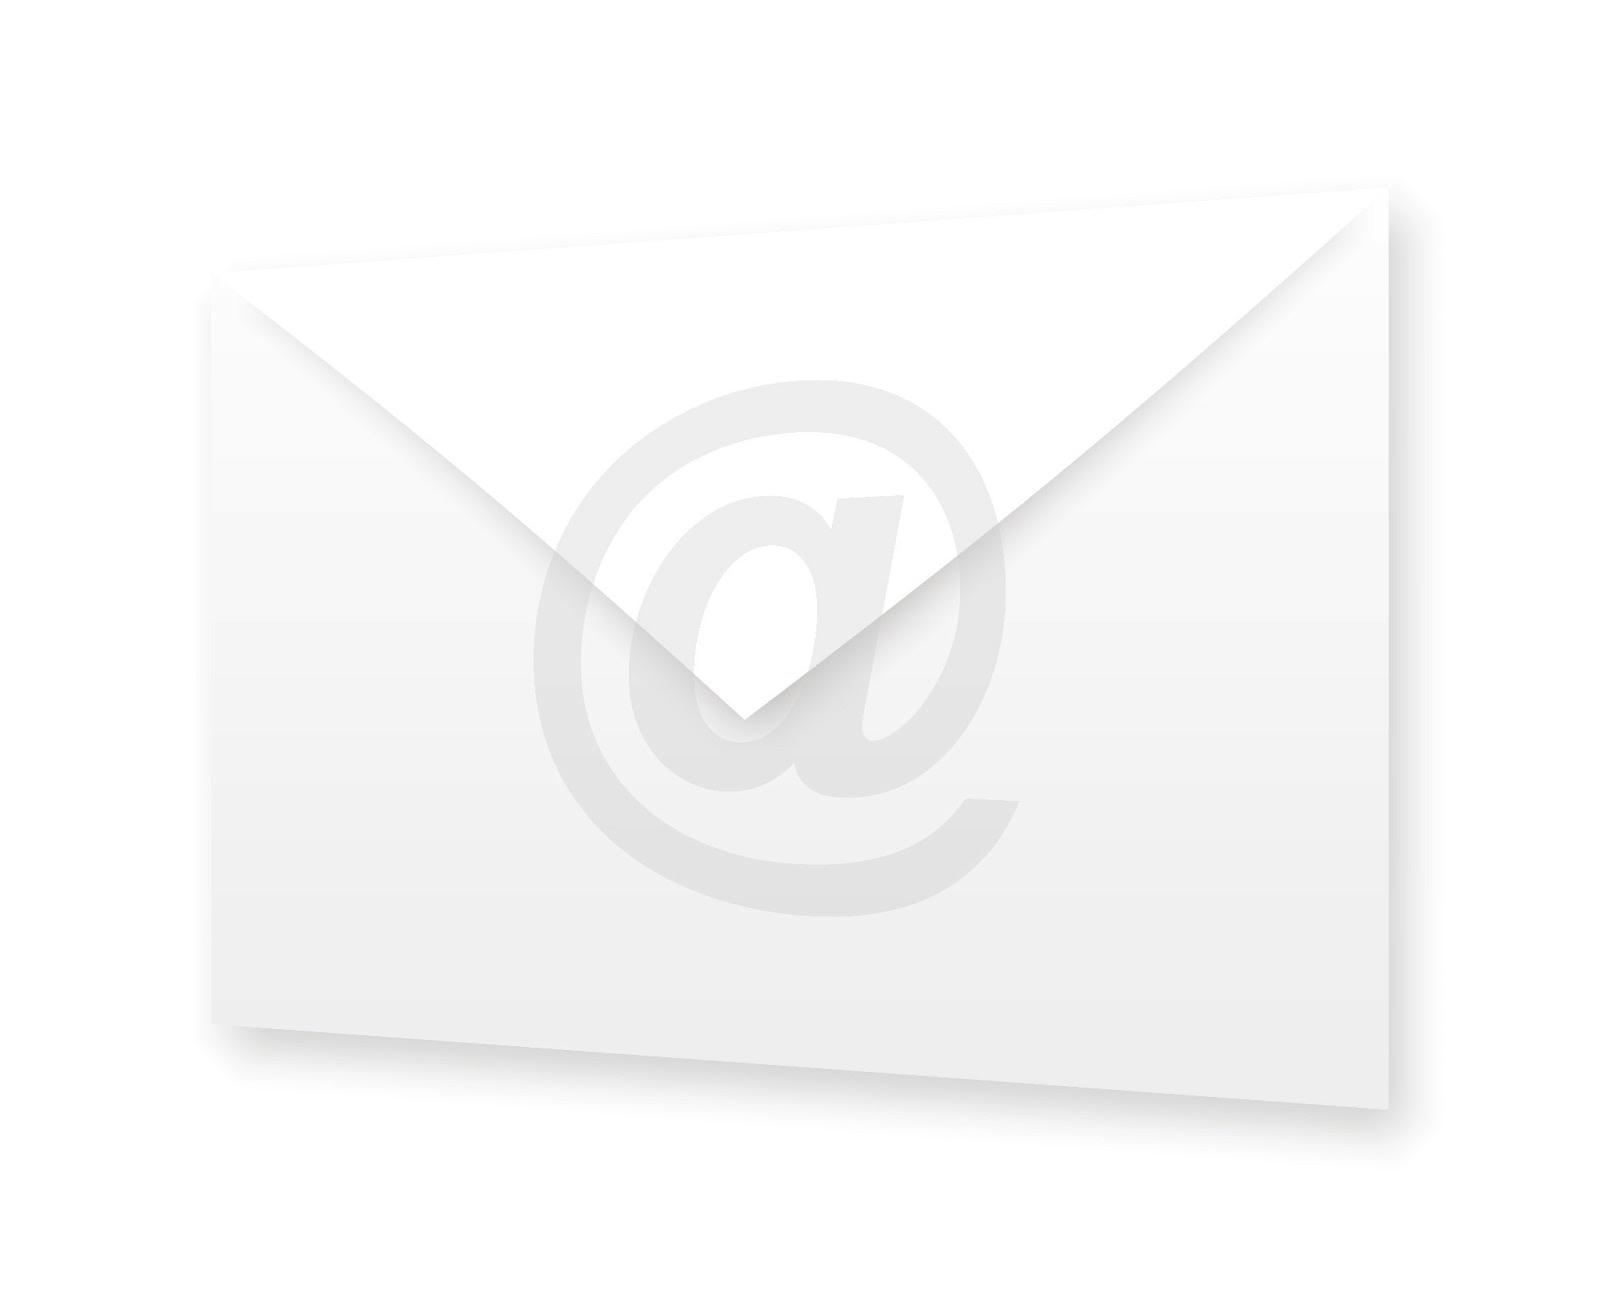 las notas de agradecimiento por email son informales pero deben ser correctas